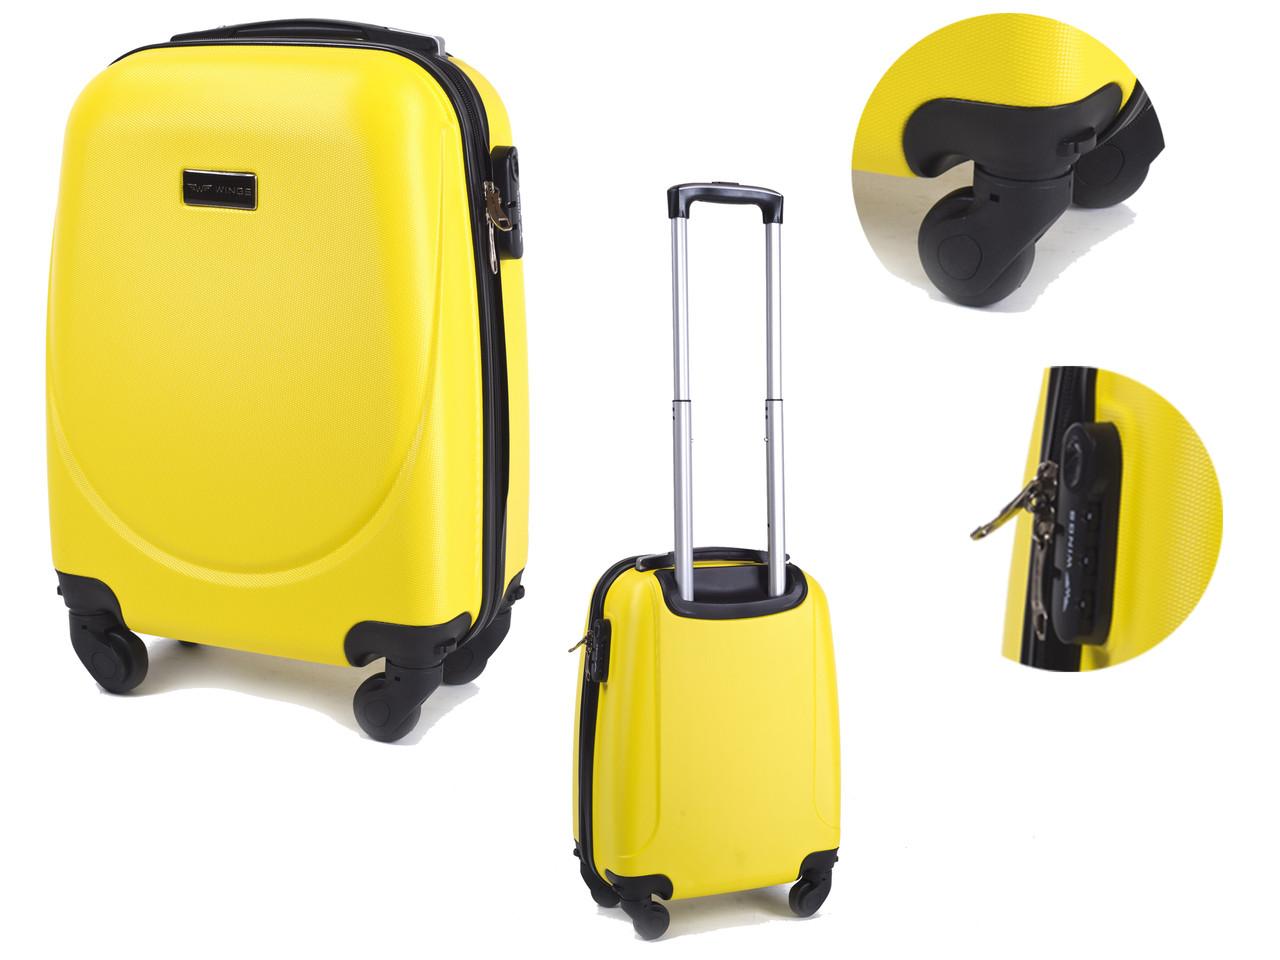 49cbc5803860 Чемодан WINGS 310 АБС-пластик, мини (ручная кладь) XS: продажа, цена ...